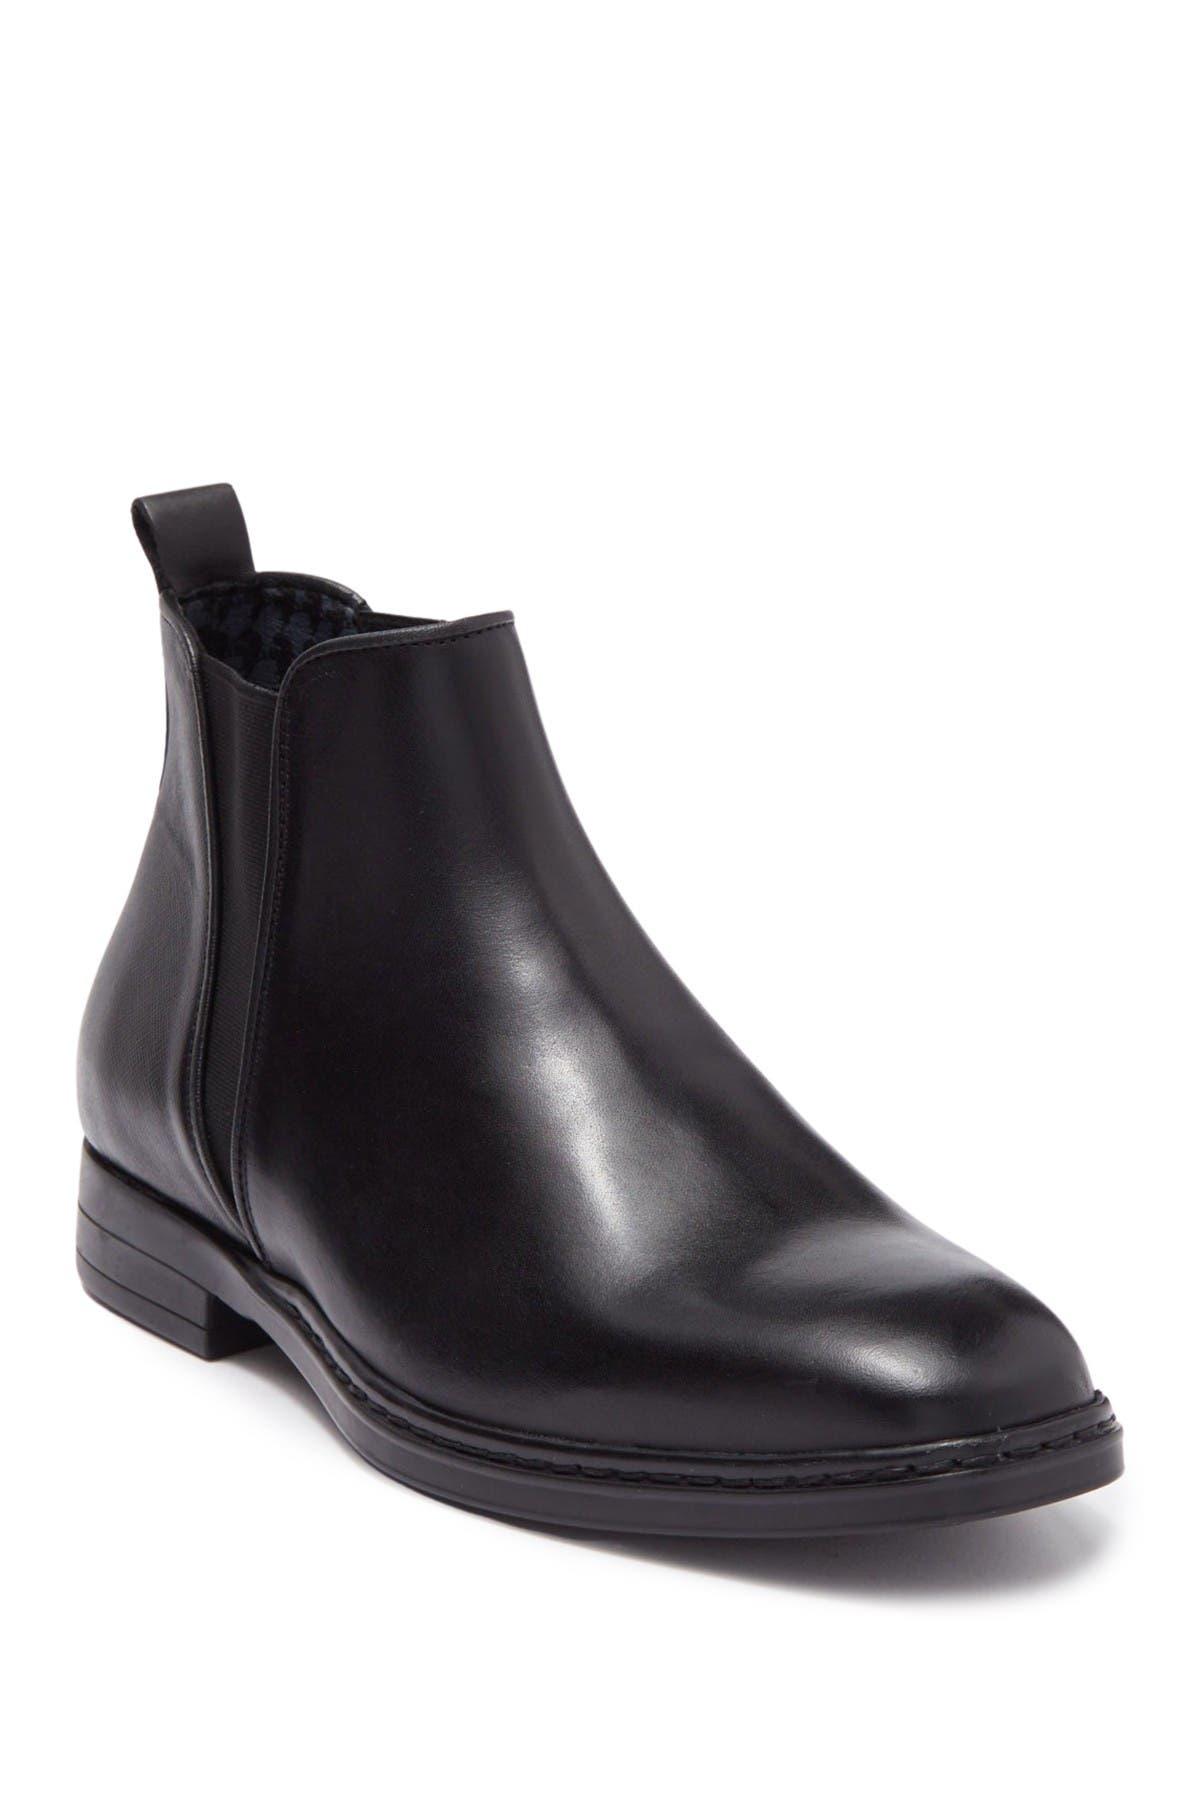 Men's Chelsea Boots | Nordstrom Rack